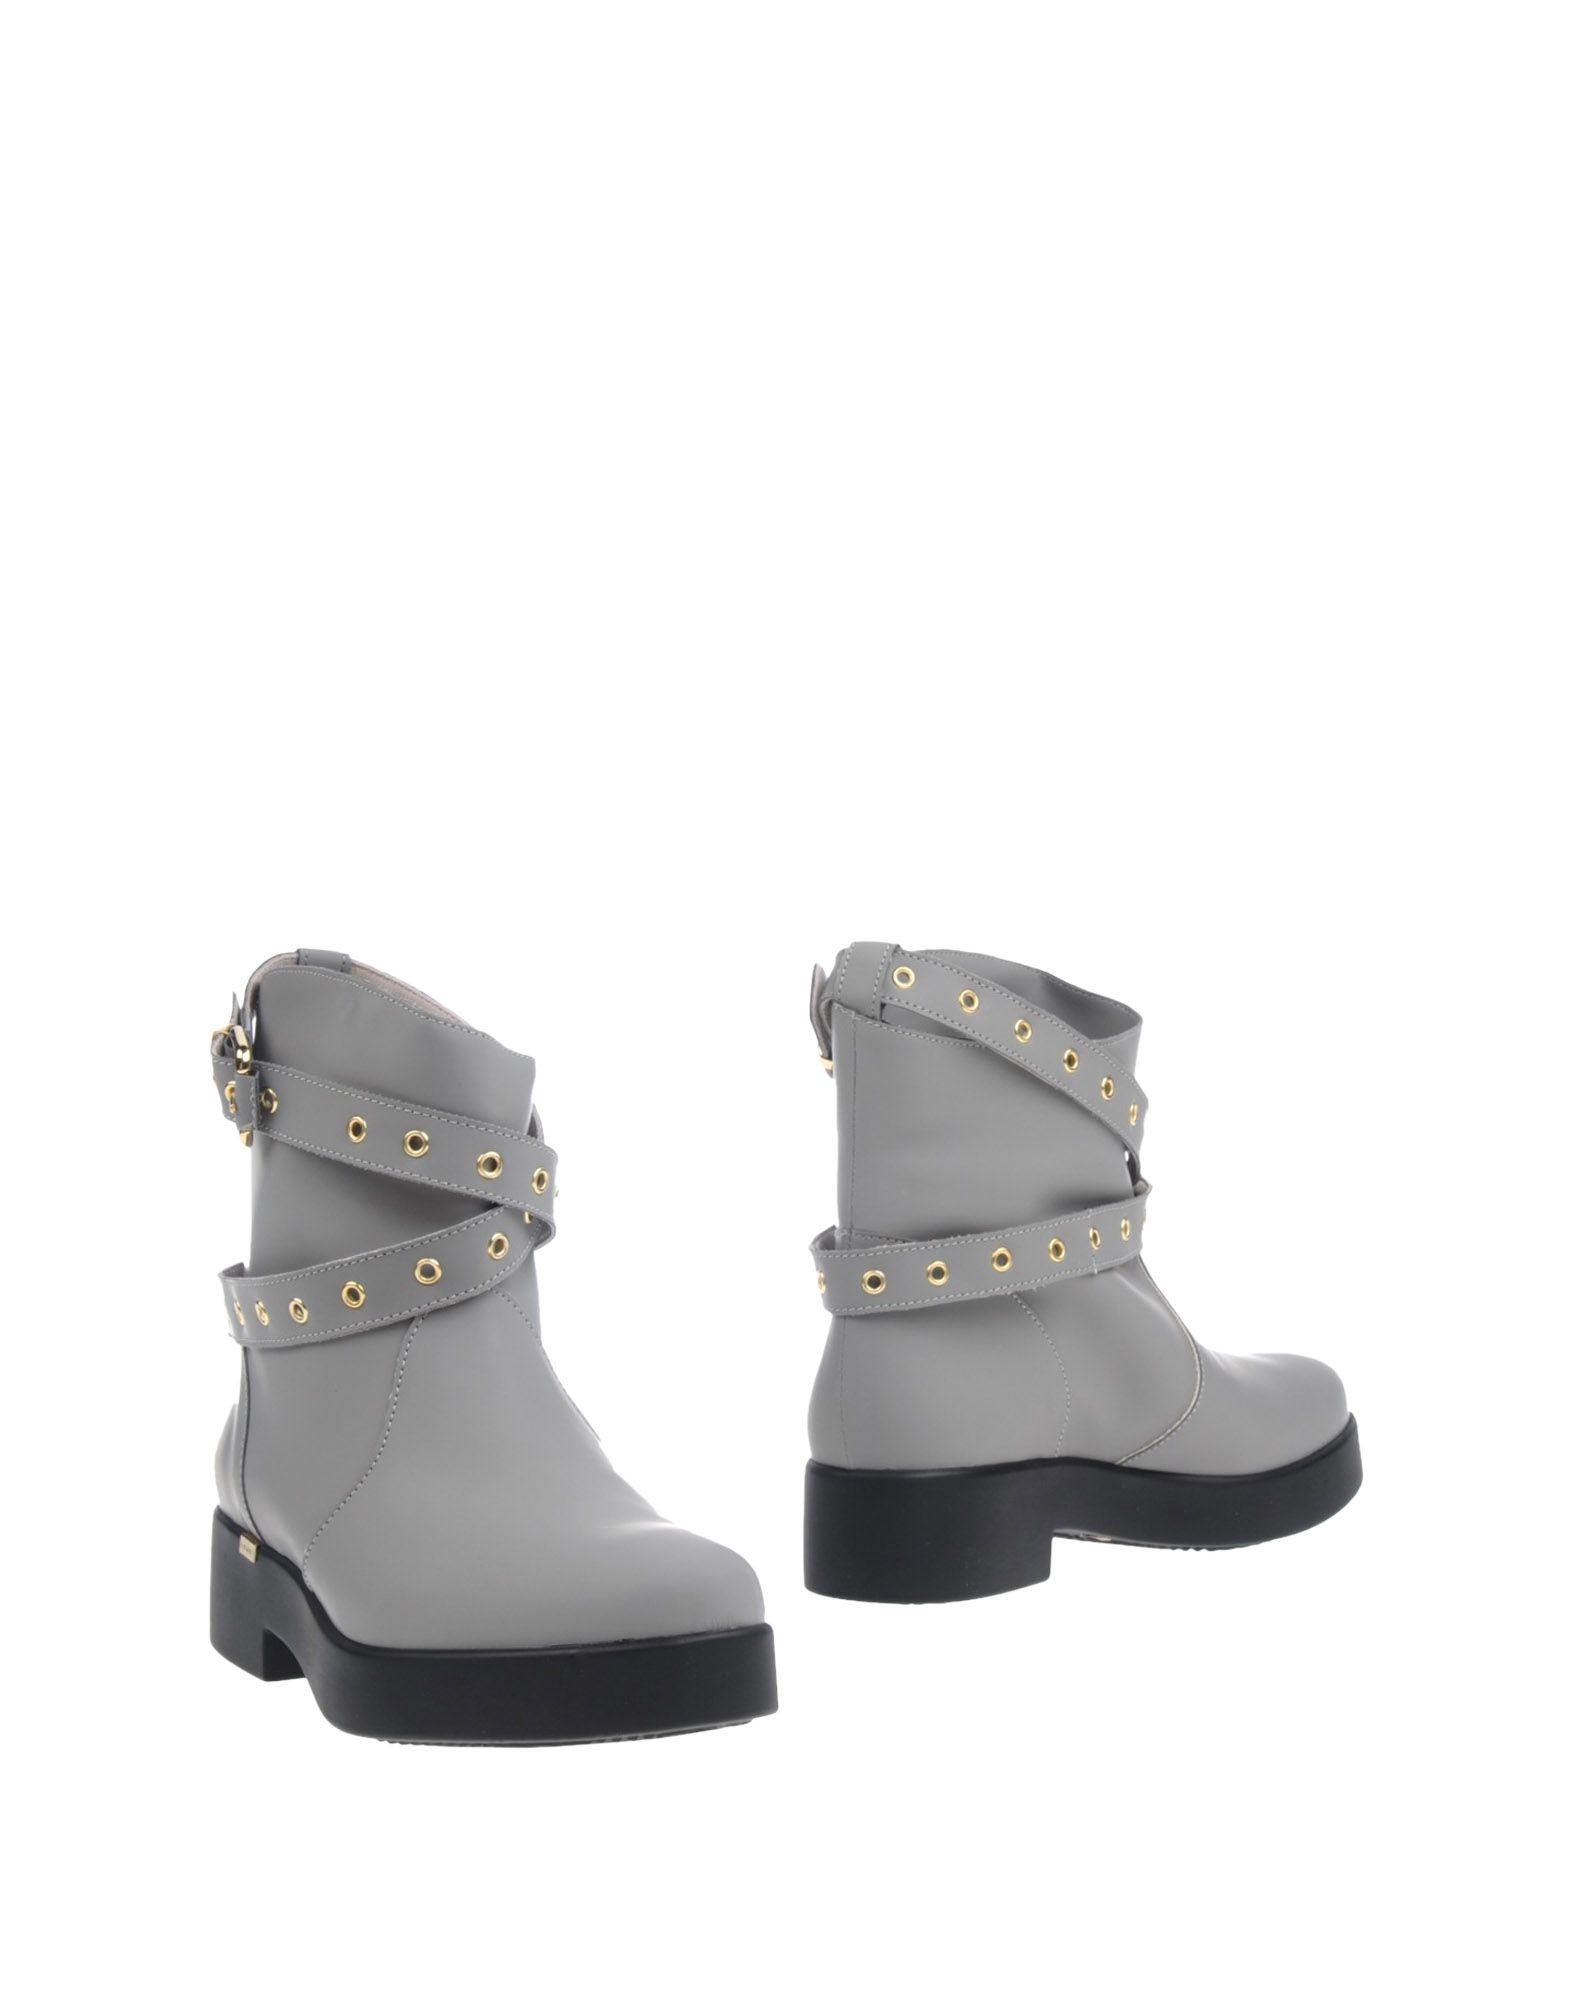 Fiorangelo Stiefelette Damen  11291406SX Gute Schuhe Qualität beliebte Schuhe Gute 02a03a